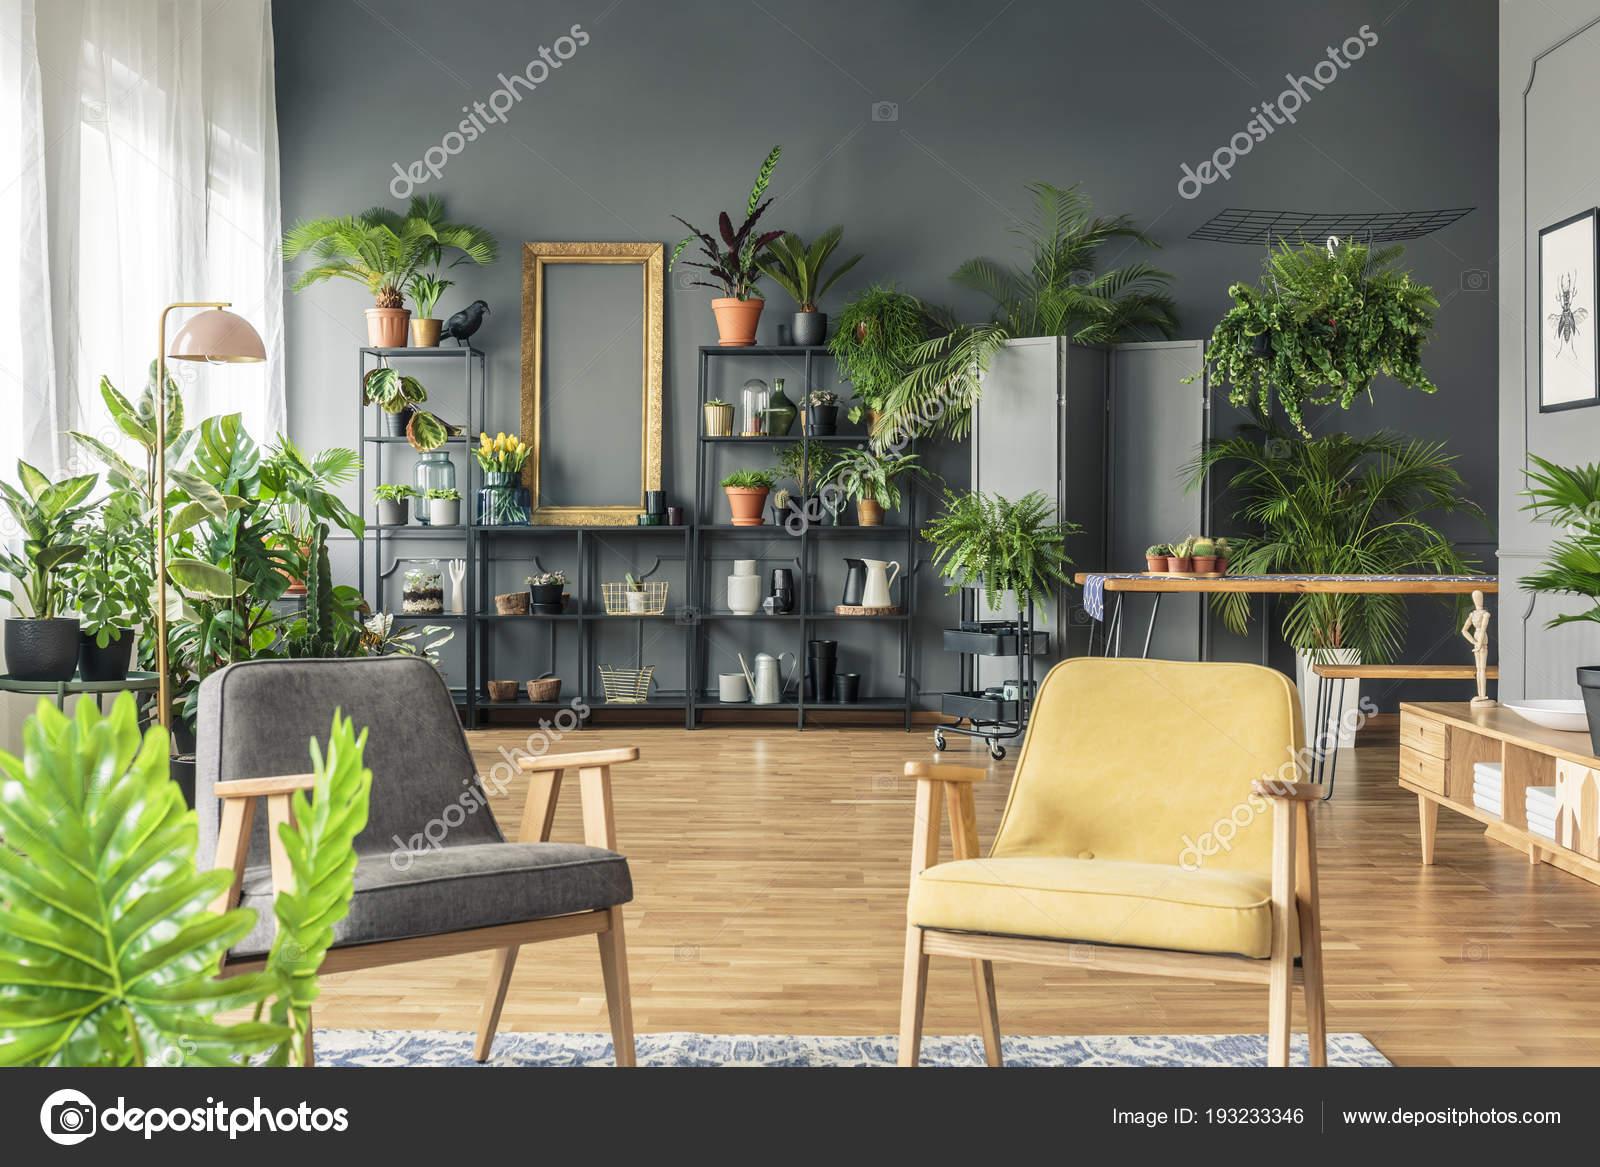 Grau Und Gelb Sessel Wohnzimmer Interieur Mit Pflanzen Auf ...